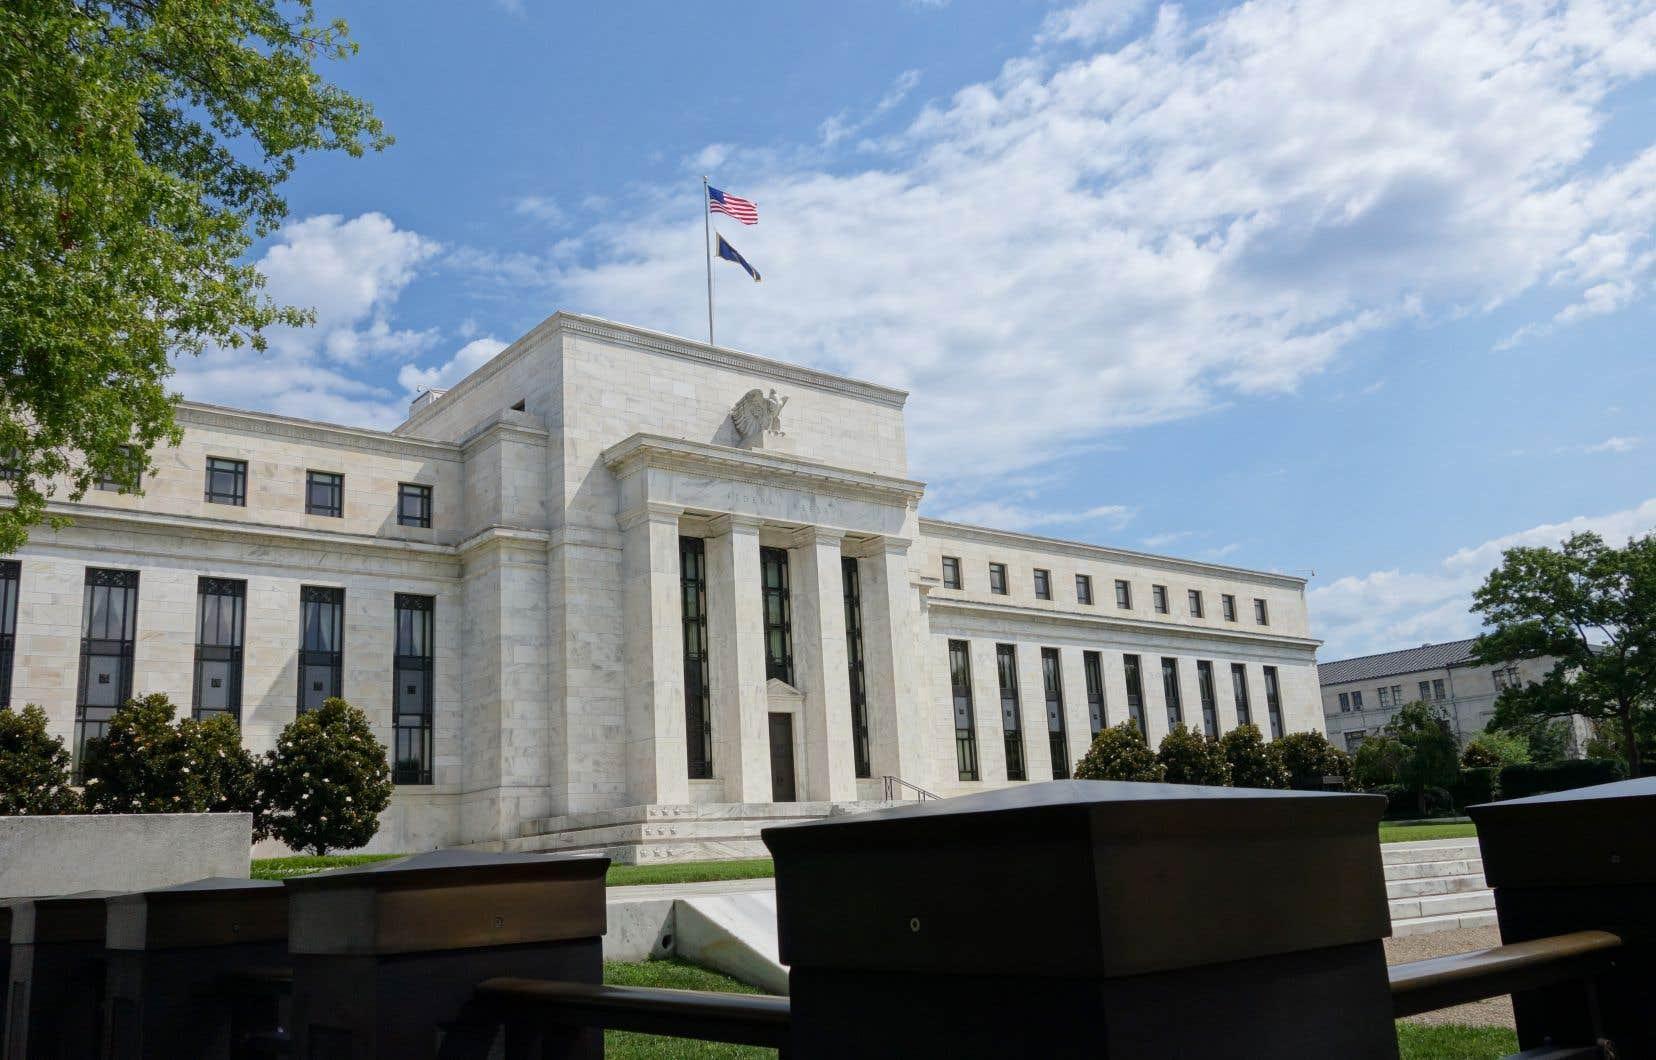 «La crise sanitaire actuelle pèsera lourdement sur l'activité économique, l'emploi et l'inflation à court terme [...] », a relevé la Fed dans un communiqué publié à l'issue de deux jours de réunion monétaire.